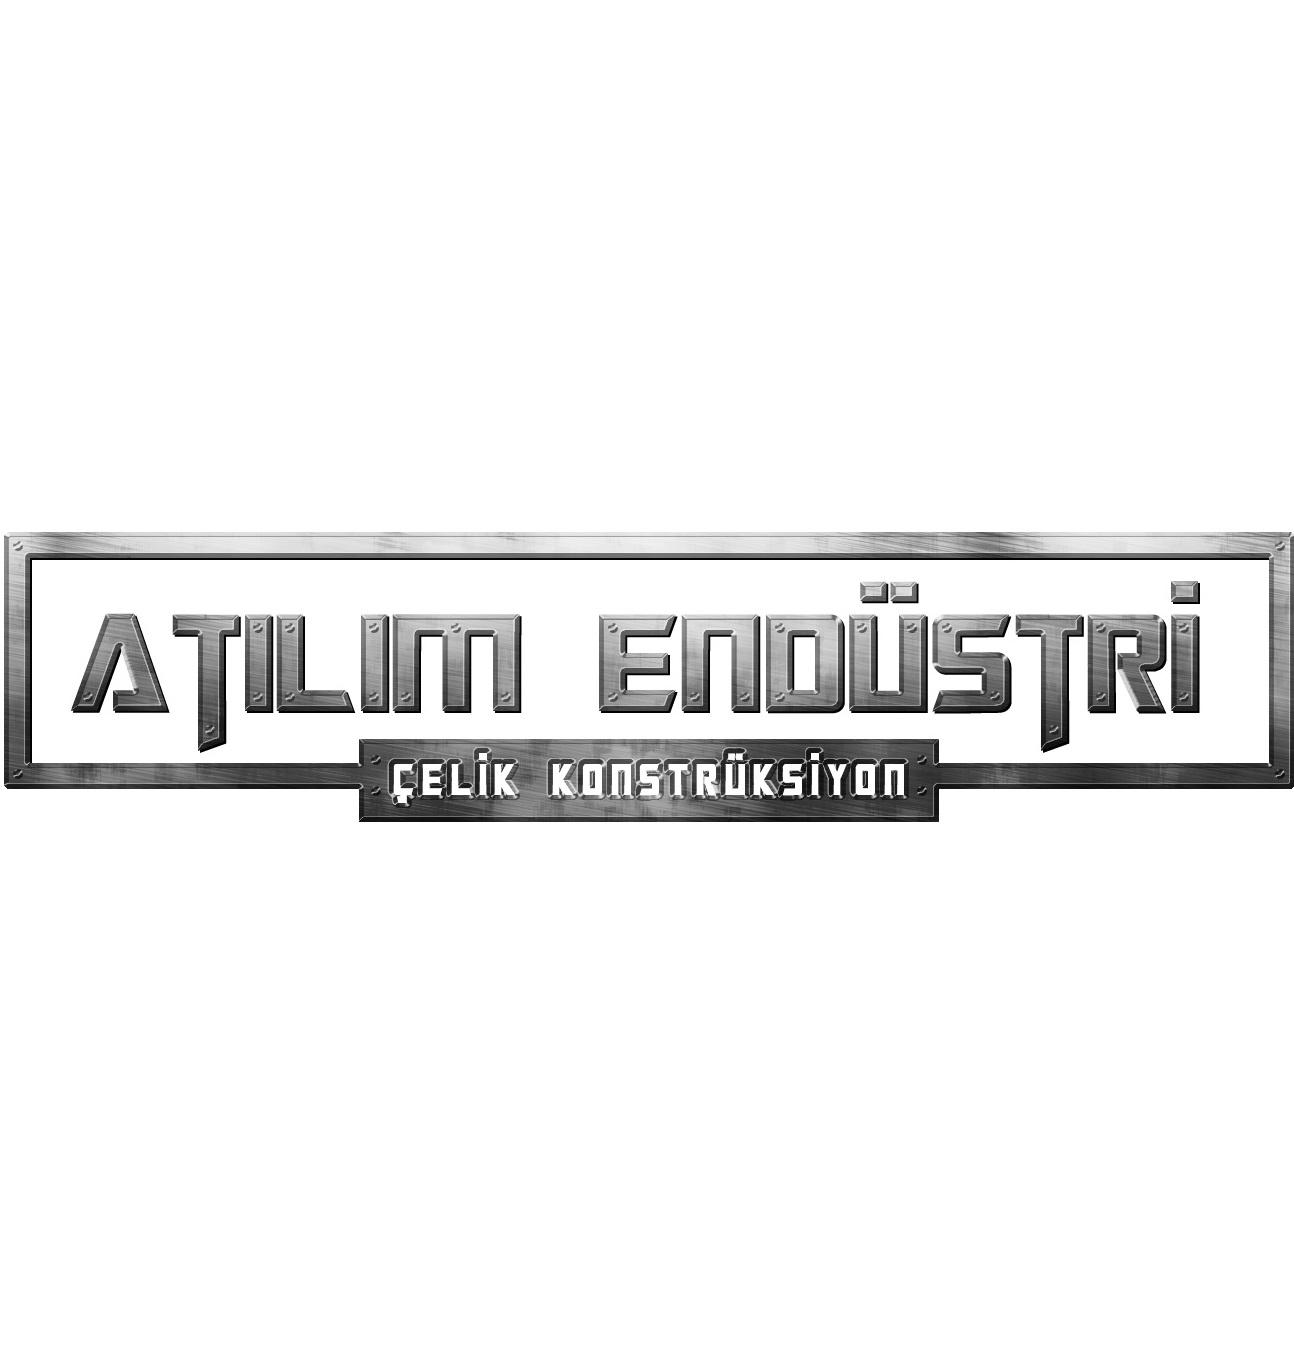 ATILIM ENDUSTRI TESISLERI SAN. VE TIC. LTD. STI